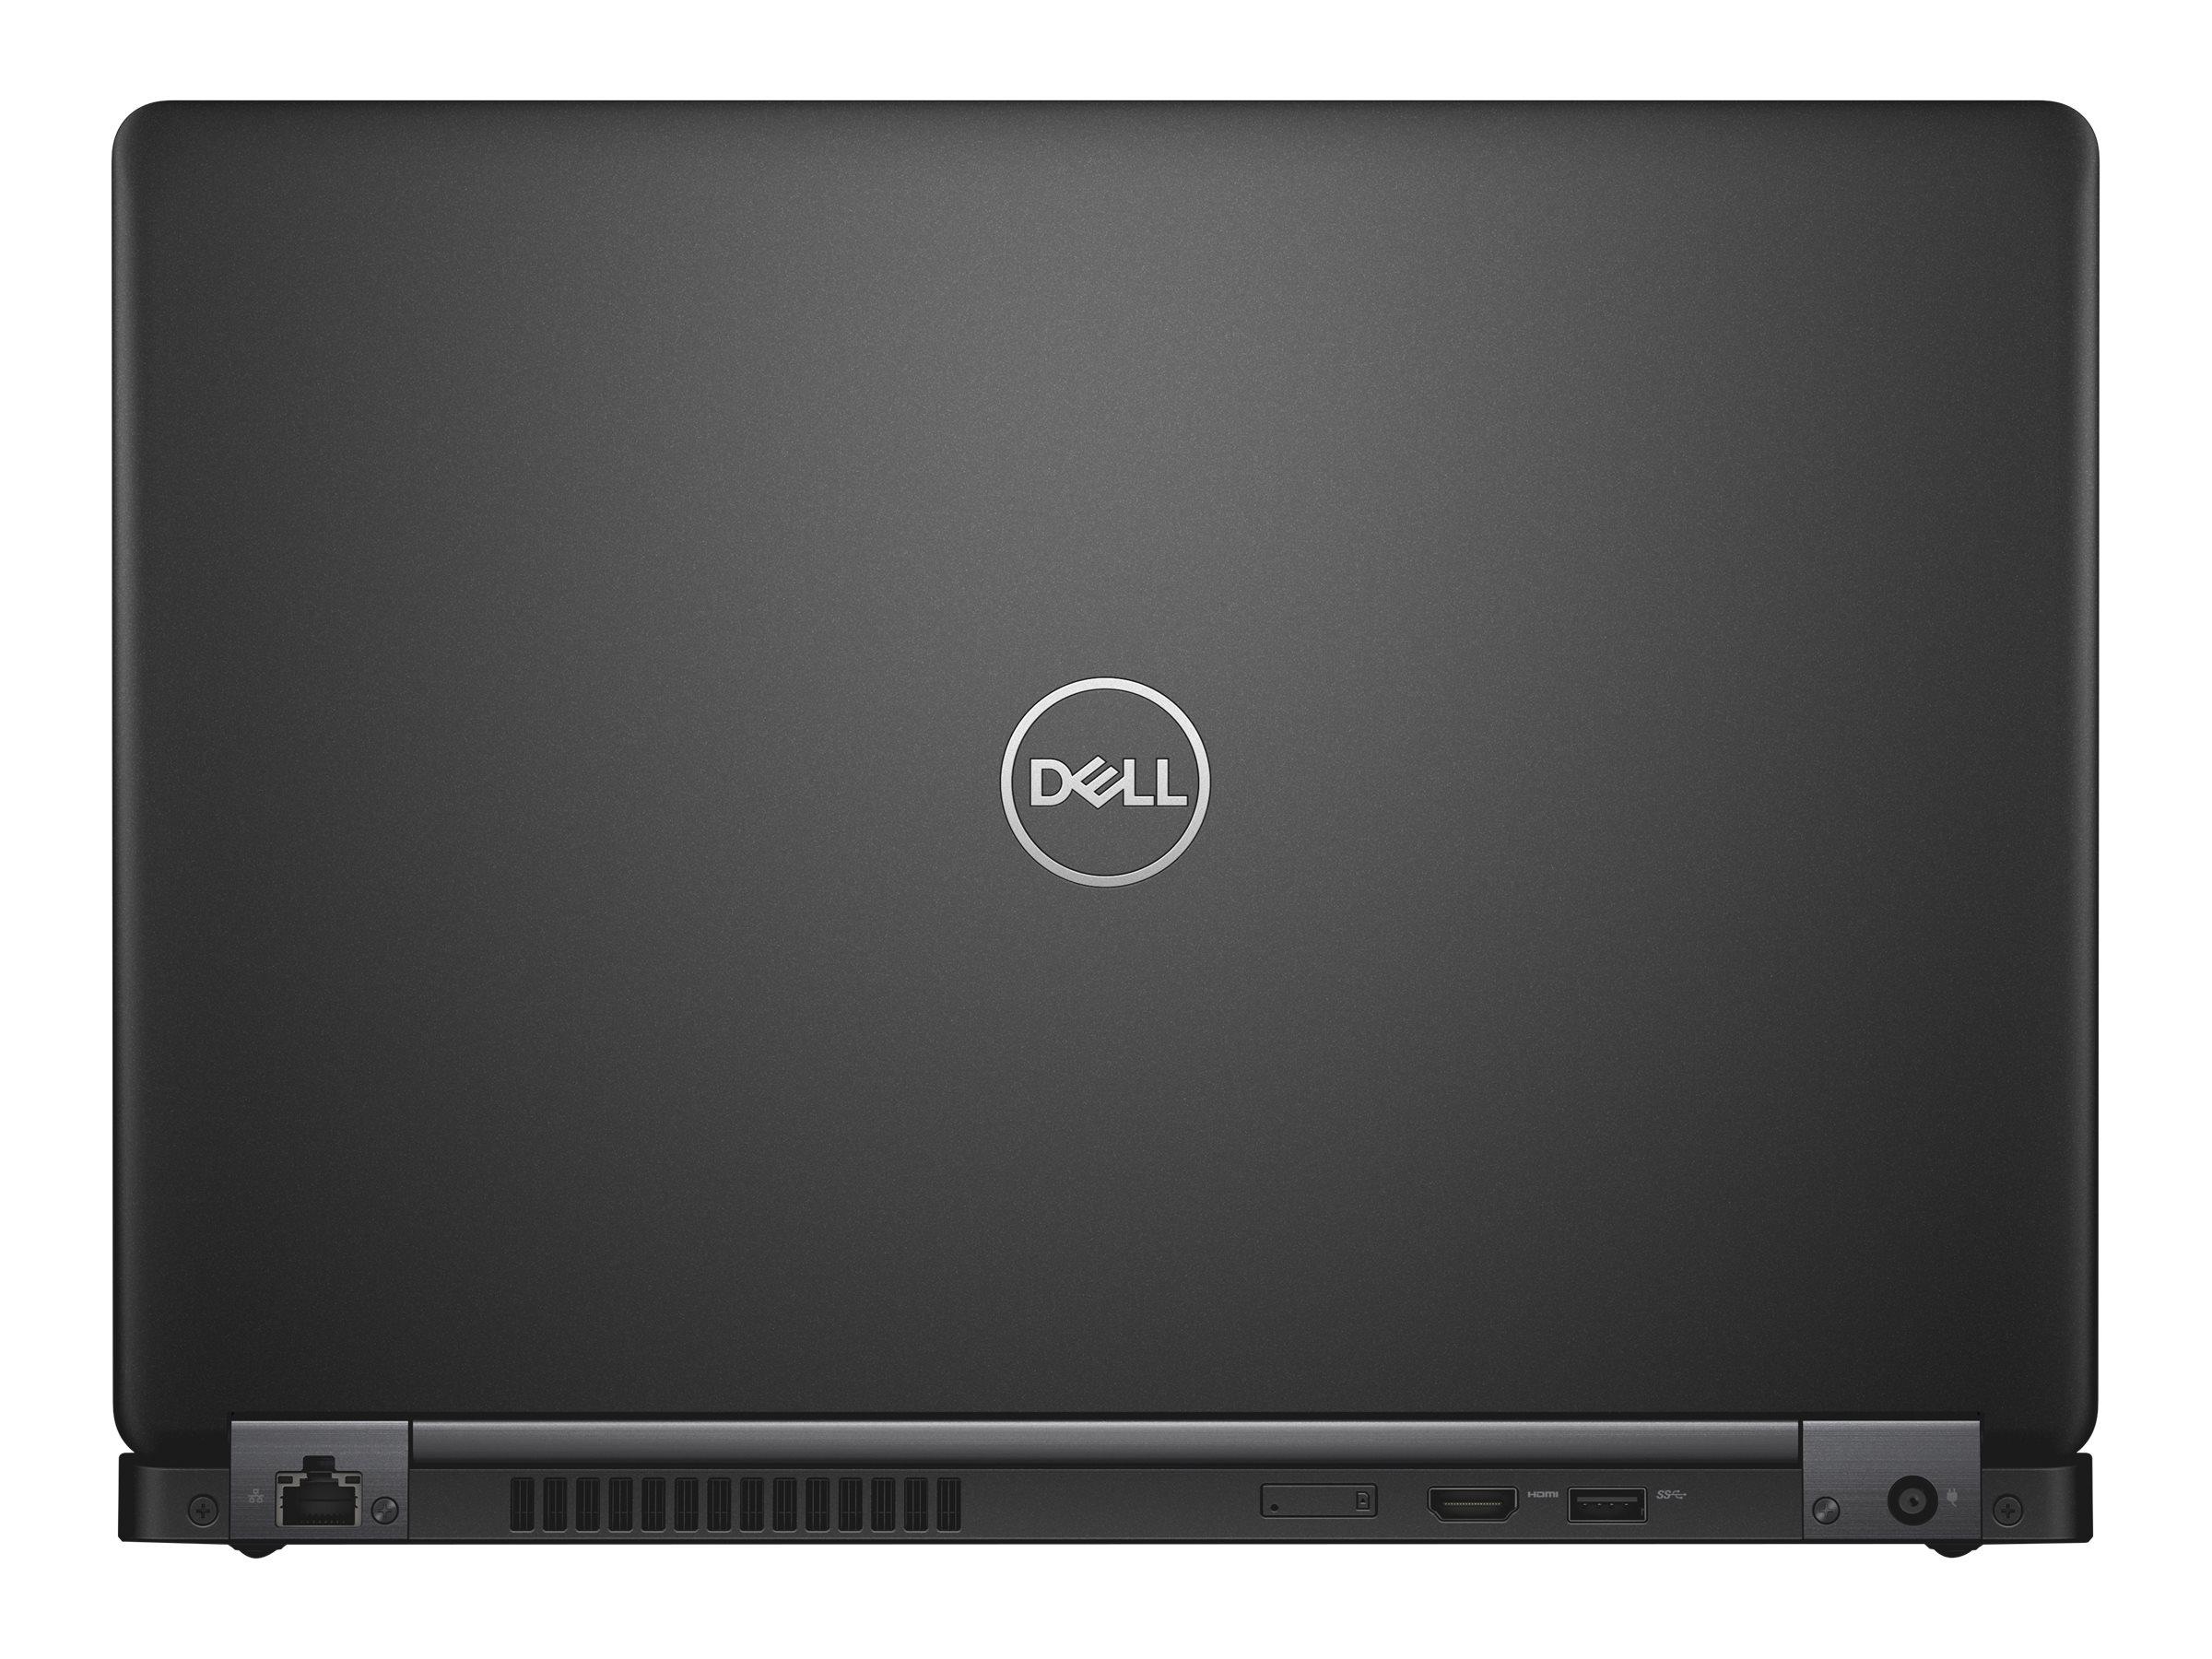 Dell Latitude 5491 Core i5-8400H 2 5GHz 8GB 256GB PCIe ac BT WC MX130 14